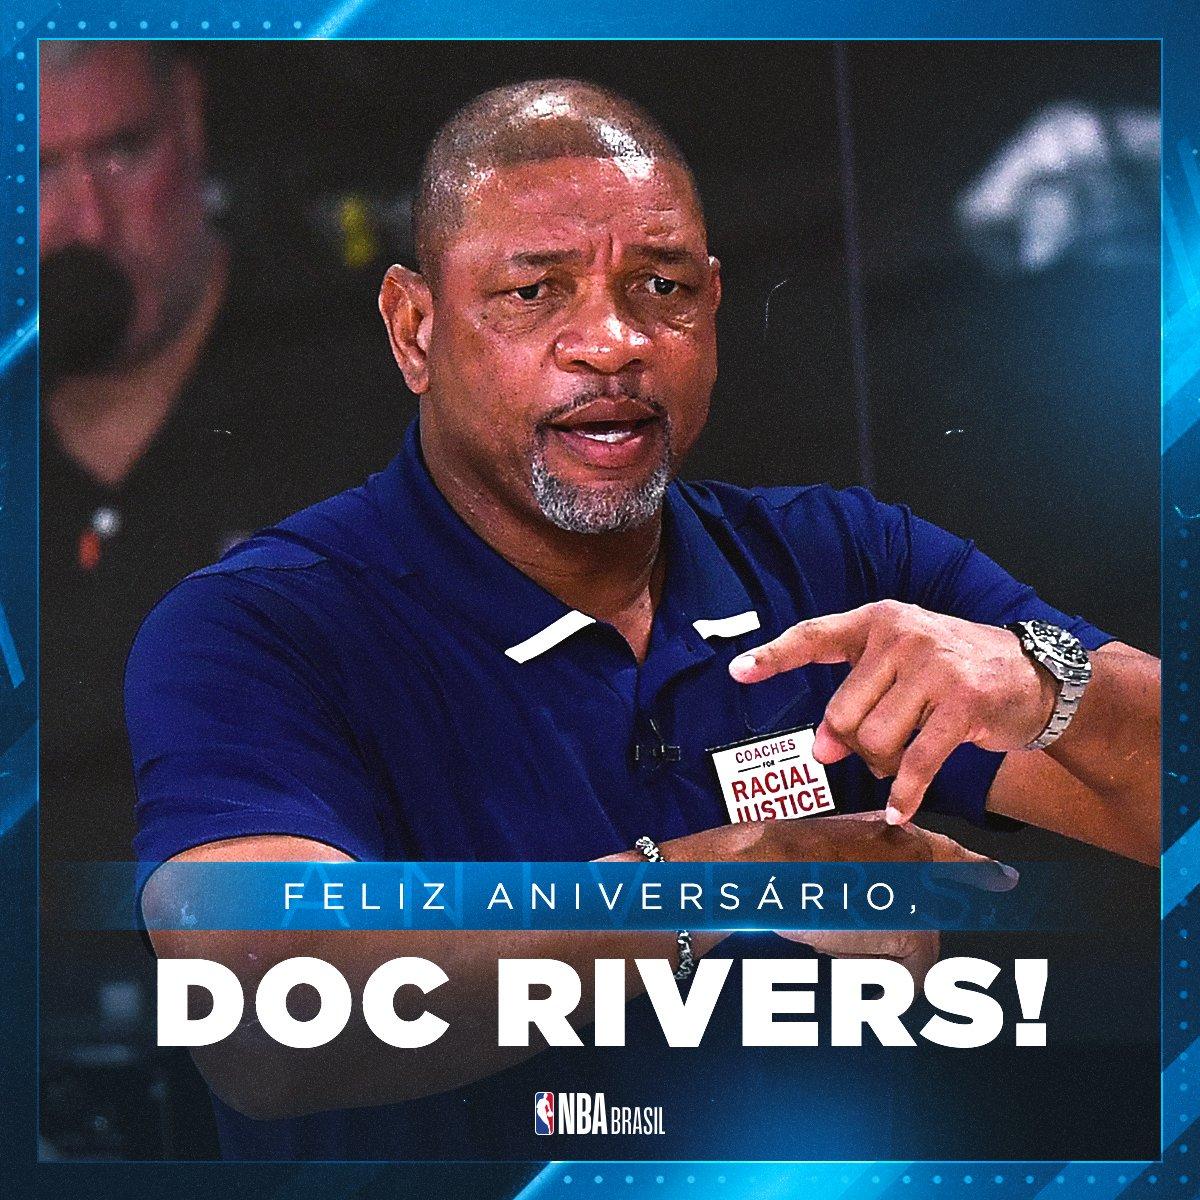 Feliz aniversário, @DocRivers! 🥳  O treinador dos @sixers completa 60 anos nesta quarta-feira! Deixe o seu parabéns!   #NBABDay #HereTheyCome